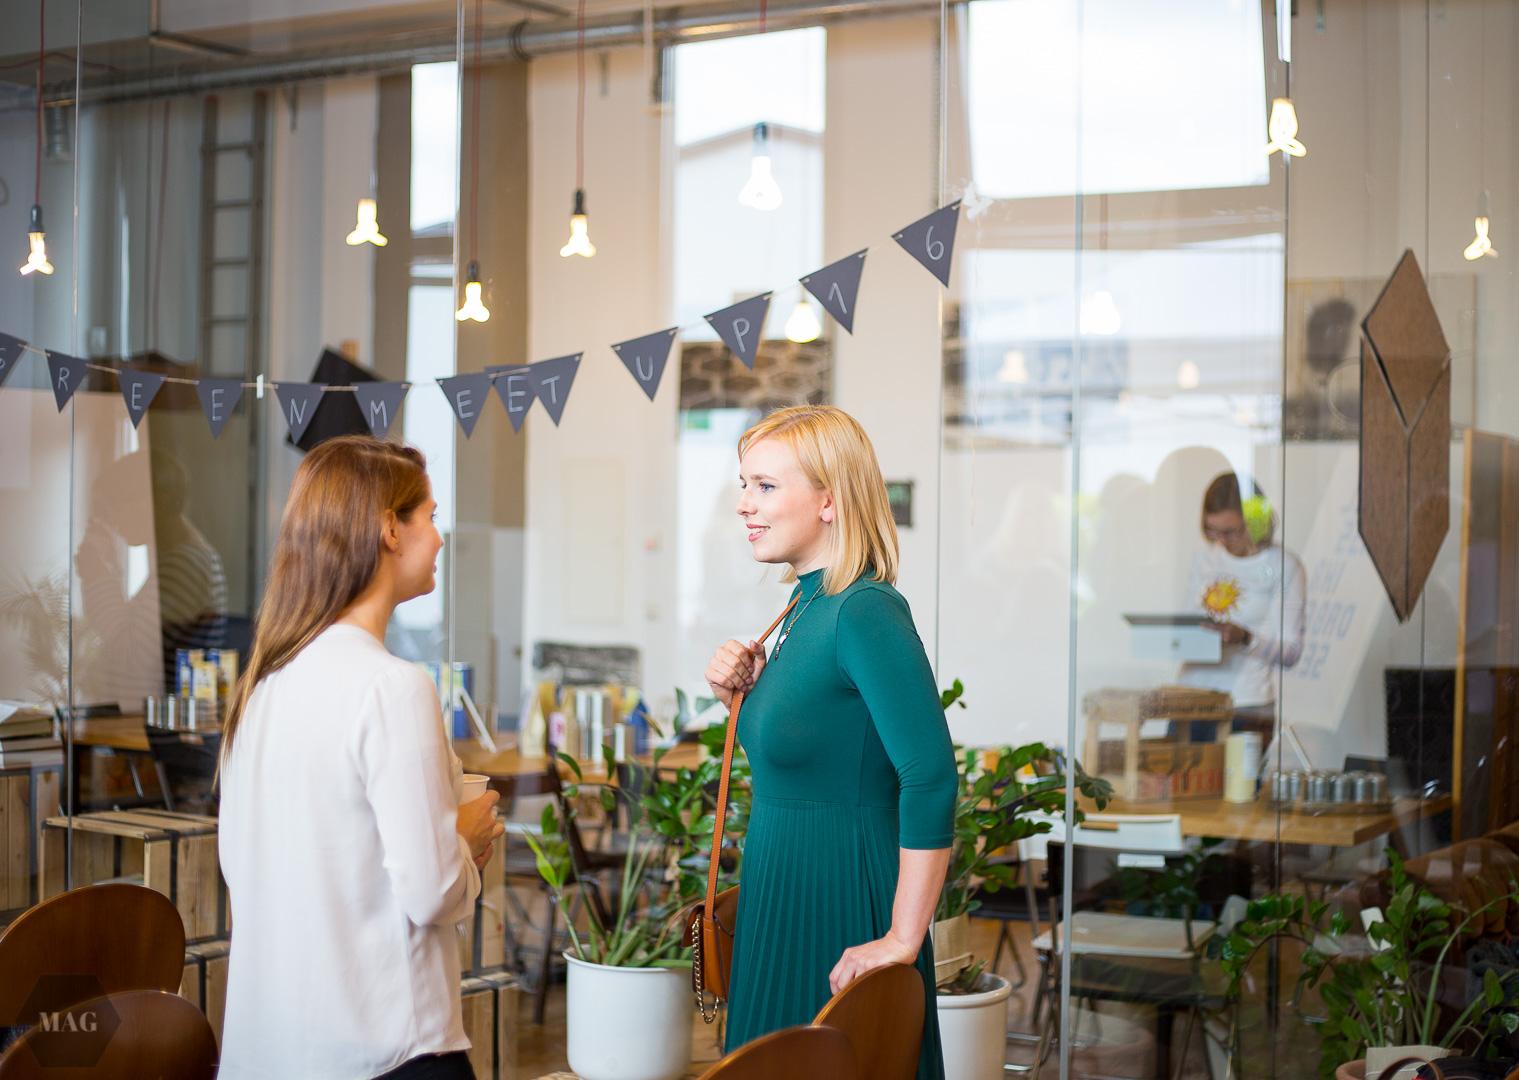 green blogger meetup, green blogger, nachhaltigkeitsblogger, bloggertreffen